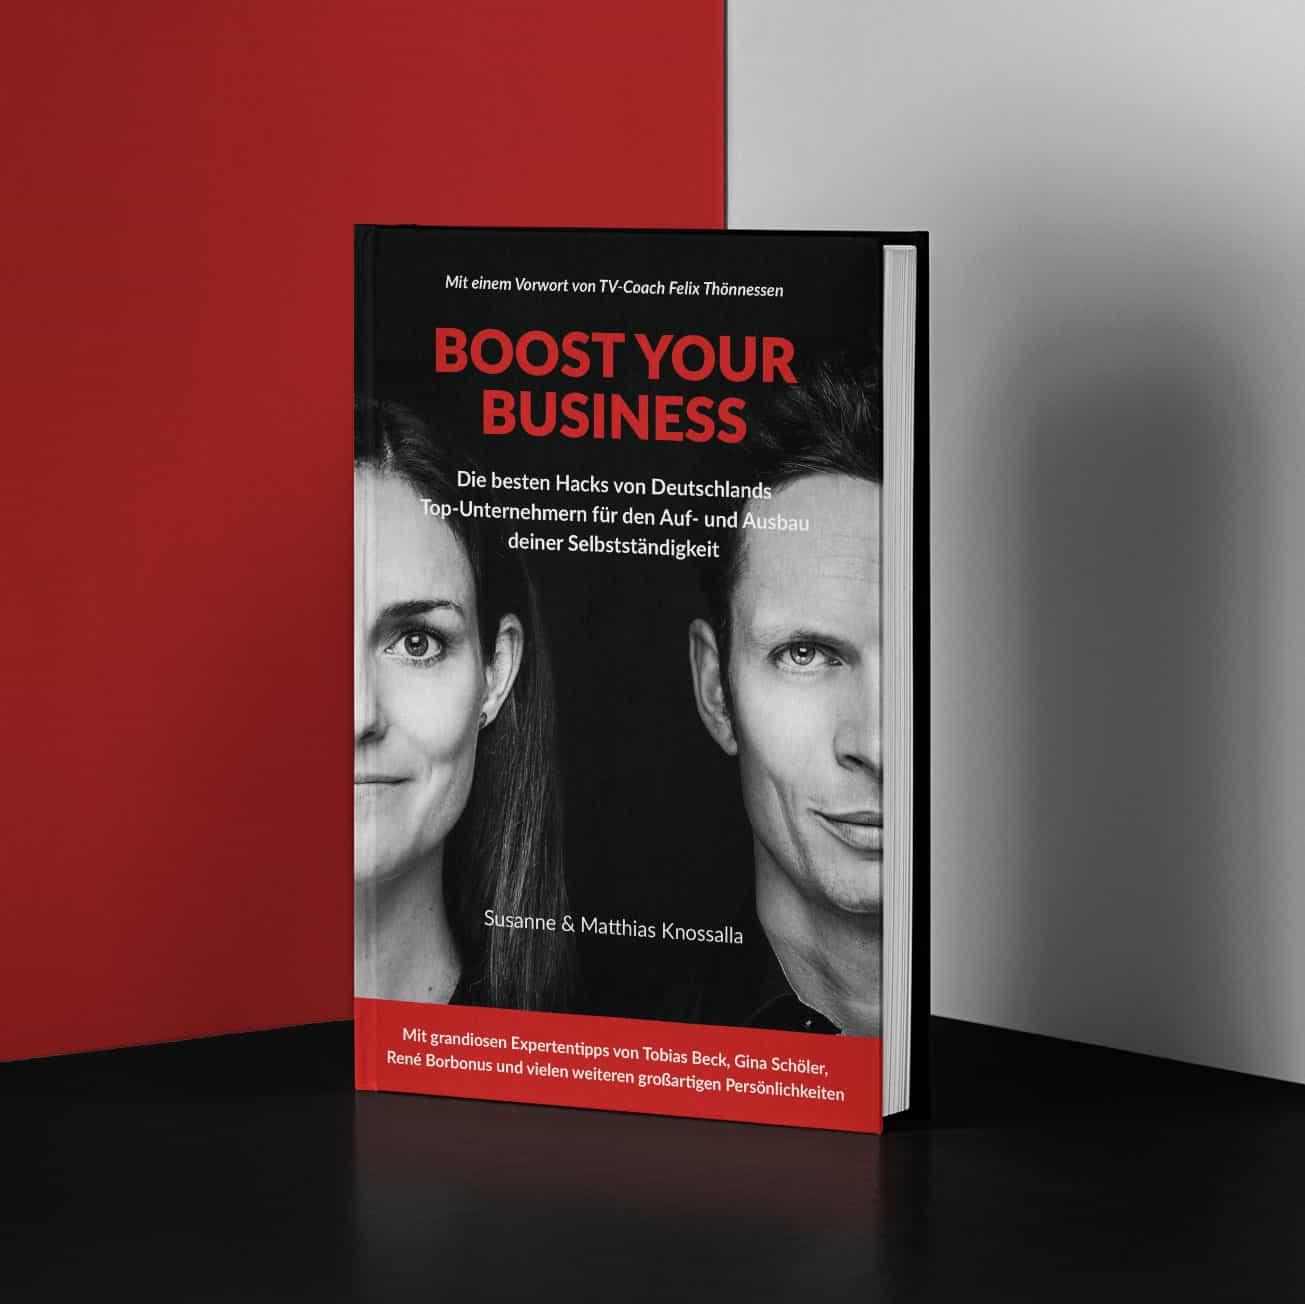 Buch Boost your Business von Susanne und Matthias Knossalla